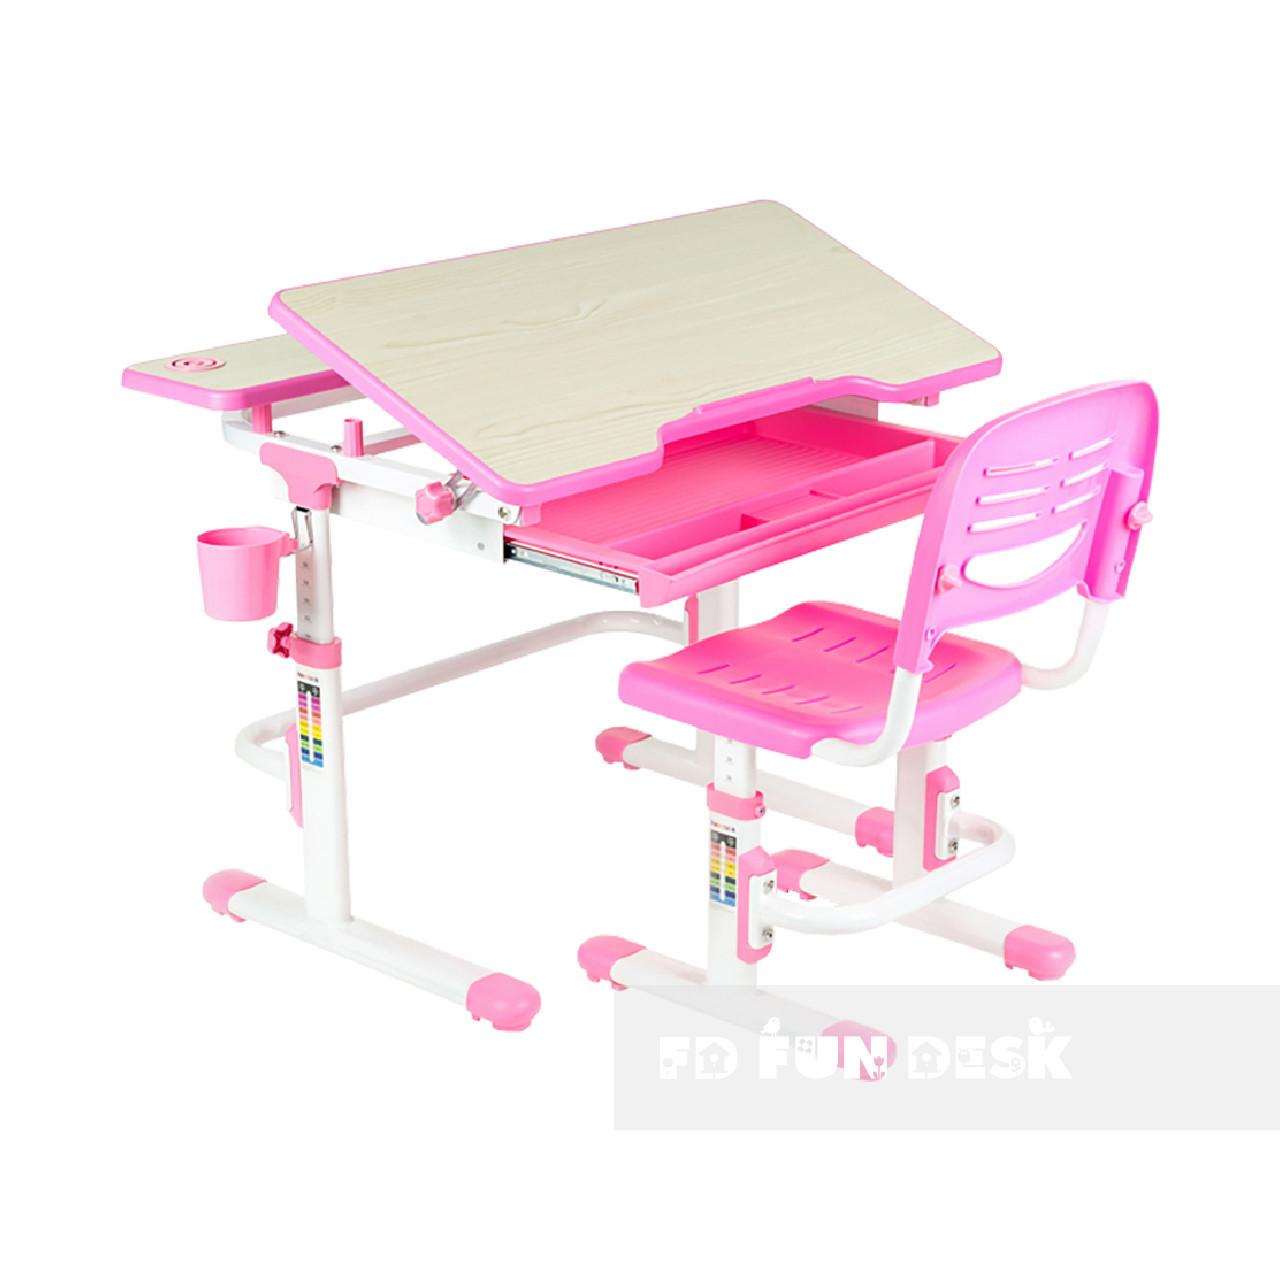 Растущая парта + стульчик для школьника Fundesk Lavoro Pink - ОПТОМ ДЛЯ ШКОЛ